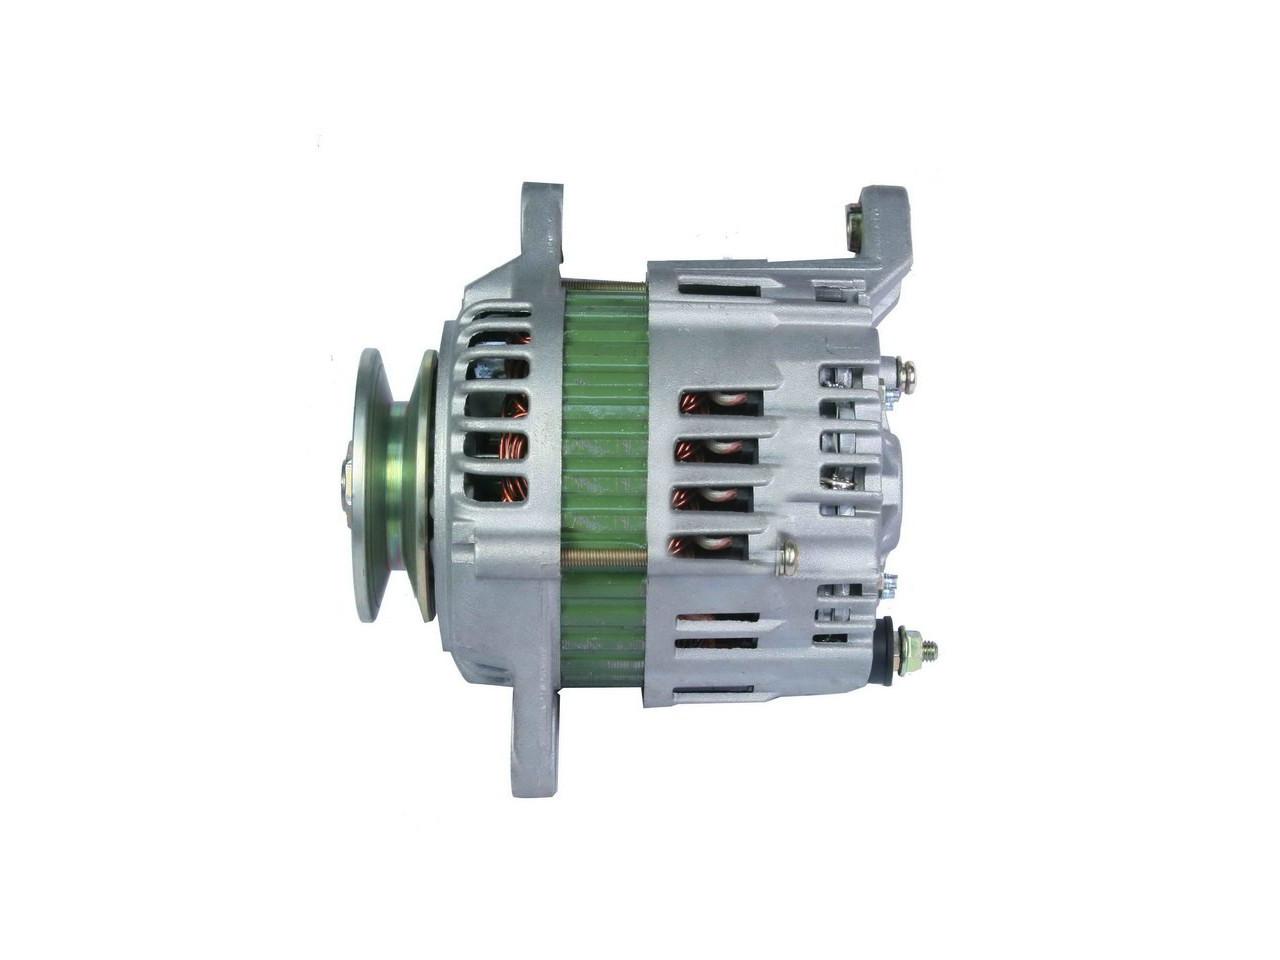 Генератор переменного тока 897228-3180/5-37813253-0/99723442